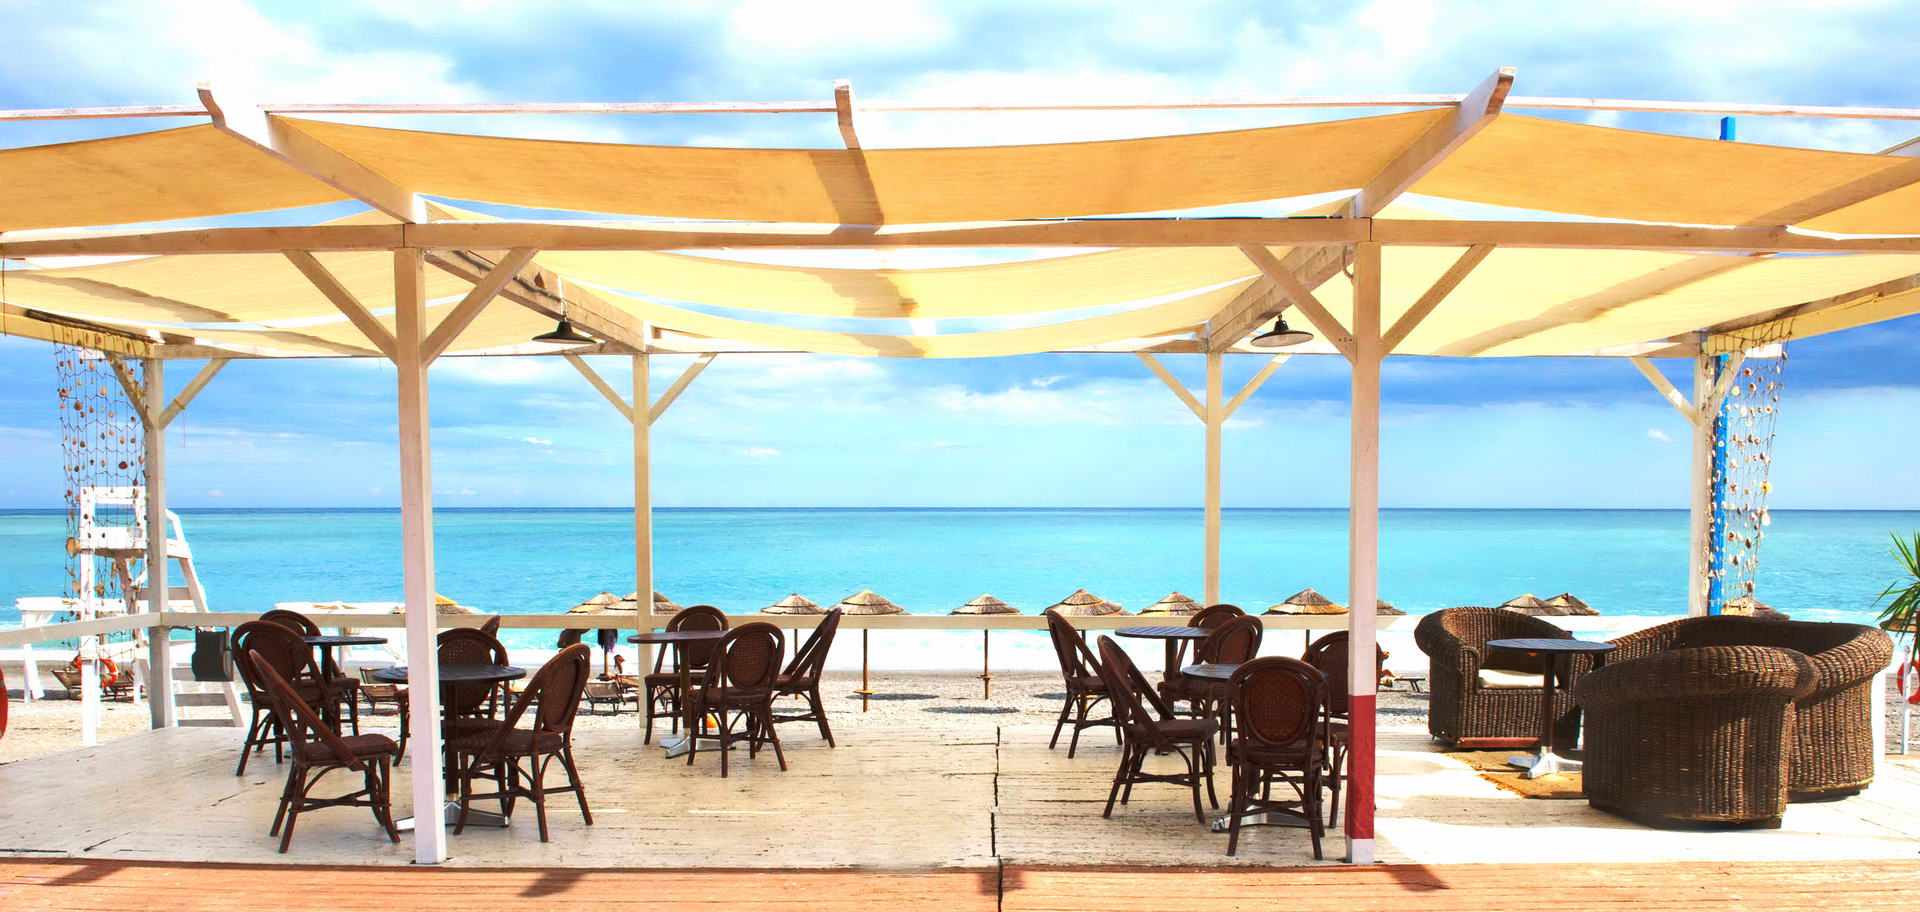 Sicily hotel on the beach